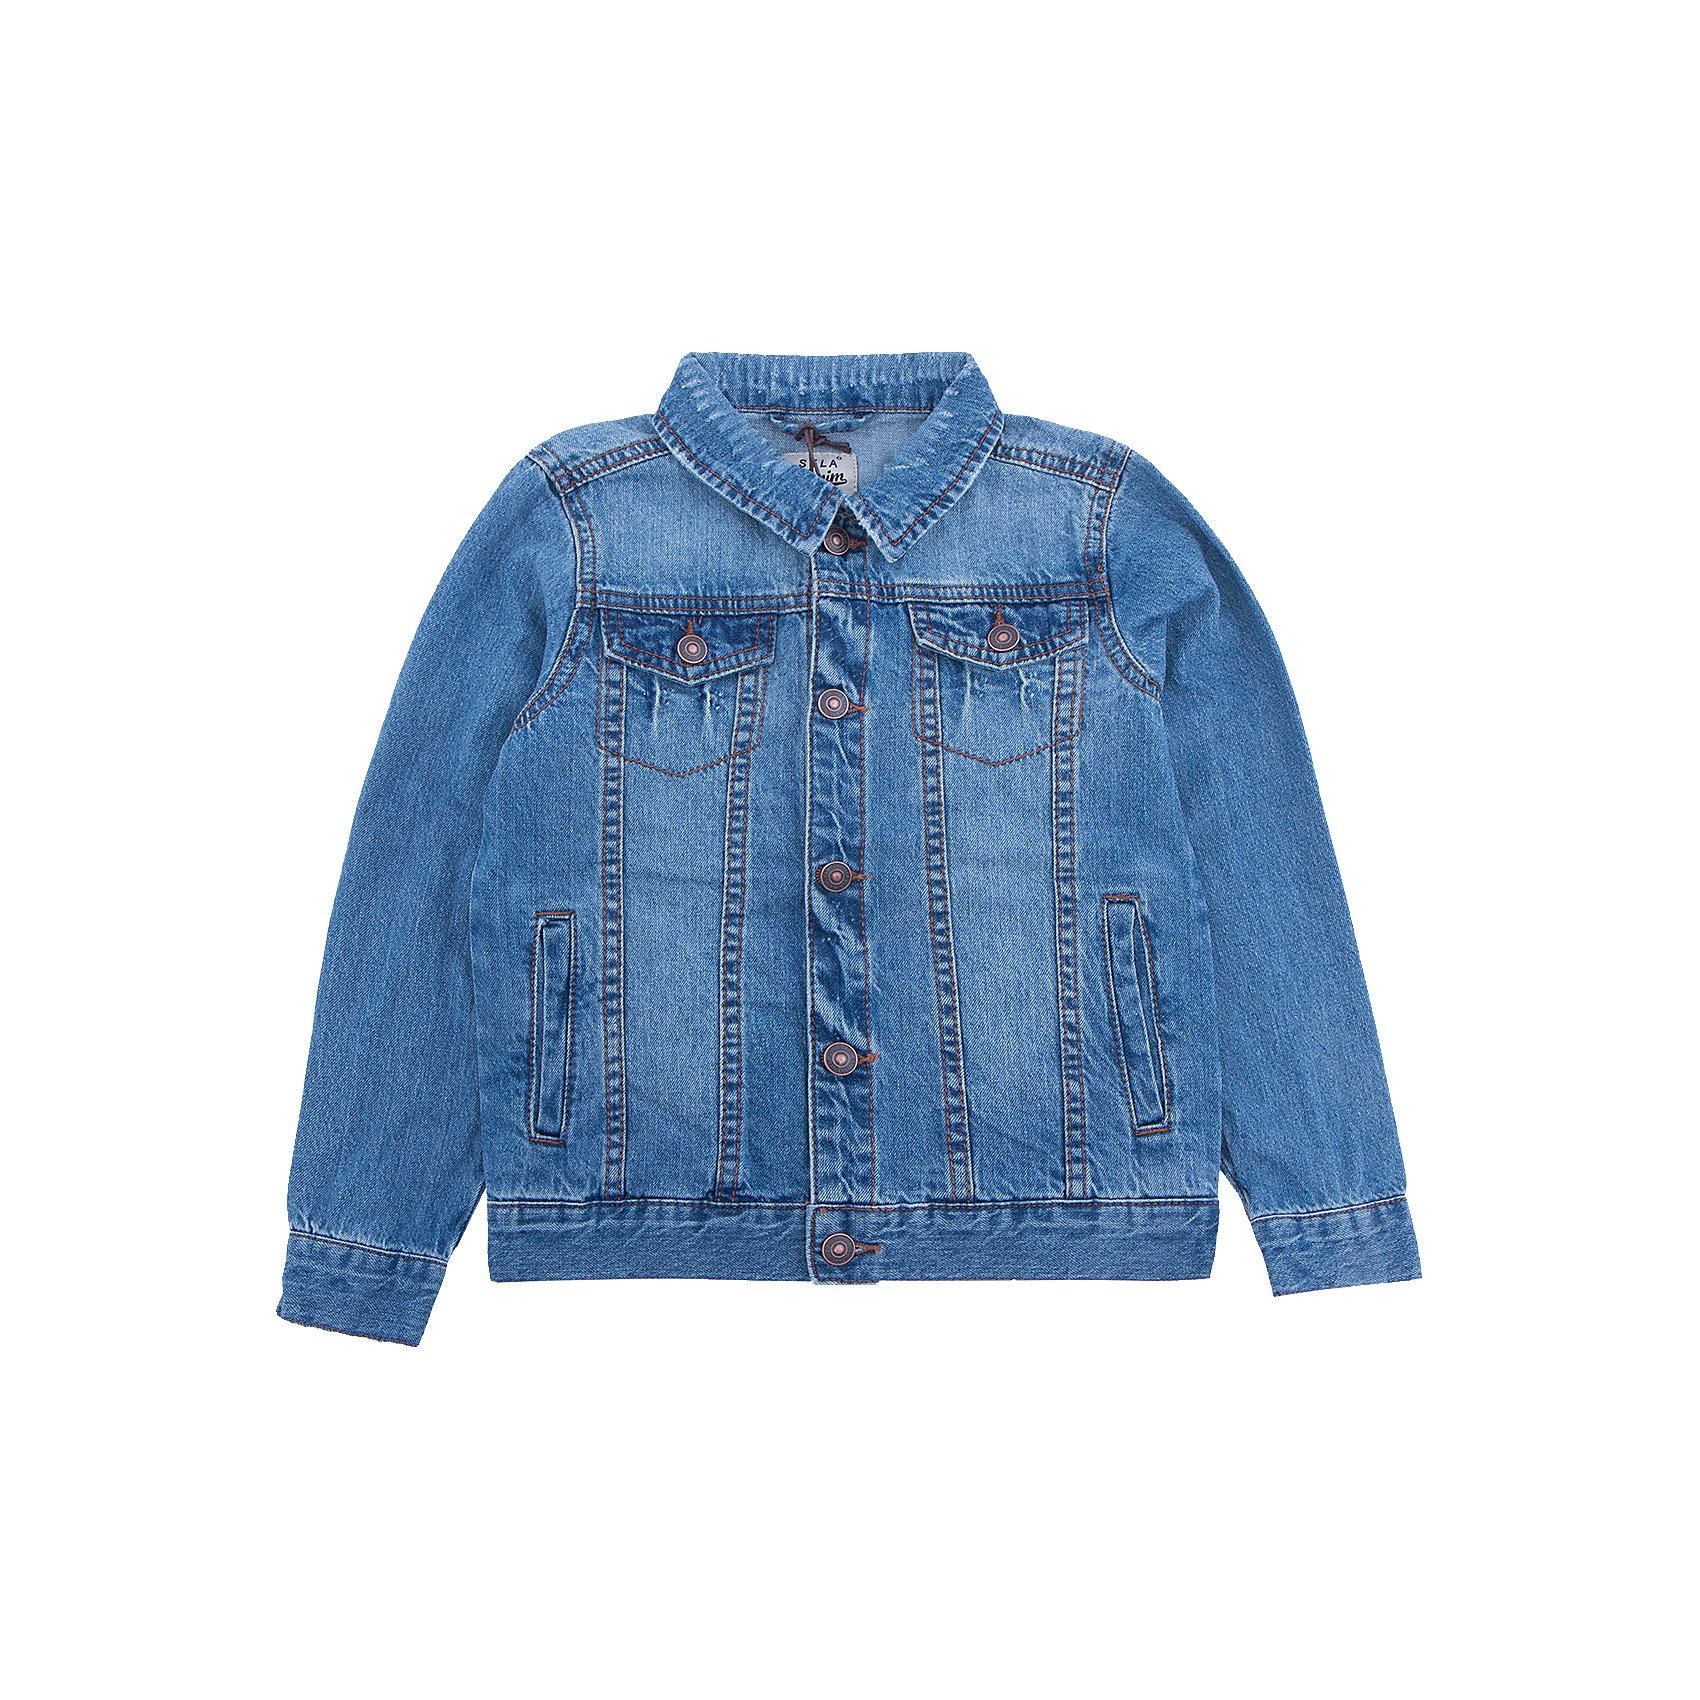 Куртка джинсовая для мальчика SELAДжинсовая одежда<br>Характеристики товара:<br><br>• цвет: синий джинс<br>• сезон: демисезон<br>• состав: 100% хлопок<br>• отложной воротник<br>• карманы<br>• длинные рукава<br>• эффект потертостей<br>• пуговицы<br>• страна бренда: Россия<br><br>Вещи из новой коллекции SELA продолжают радовать удобством! Стильная легкая куртка для мальчика  поможет разнообразить гардероб ребенка и обеспечить комфорт в прохладную погоду. Она отлично сочетается с юбками и брюками. Отличается удобством и высоким качеством. <br><br>Одежда, обувь и аксессуары от российского бренда SELA не зря пользуются большой популярностью у детей и взрослых! <br><br>Куртку для мальчика  от популярного бренда SELA (СЕЛА) можно купить в нашем интернет-магазине.<br><br>Ширина мм: 356<br>Глубина мм: 10<br>Высота мм: 245<br>Вес г: 519<br>Цвет: синий джинс<br>Возраст от месяцев: 18<br>Возраст до месяцев: 24<br>Пол: Мужской<br>Возраст: Детский<br>Размер: 92,104,110,116,98<br>SKU: 5305708